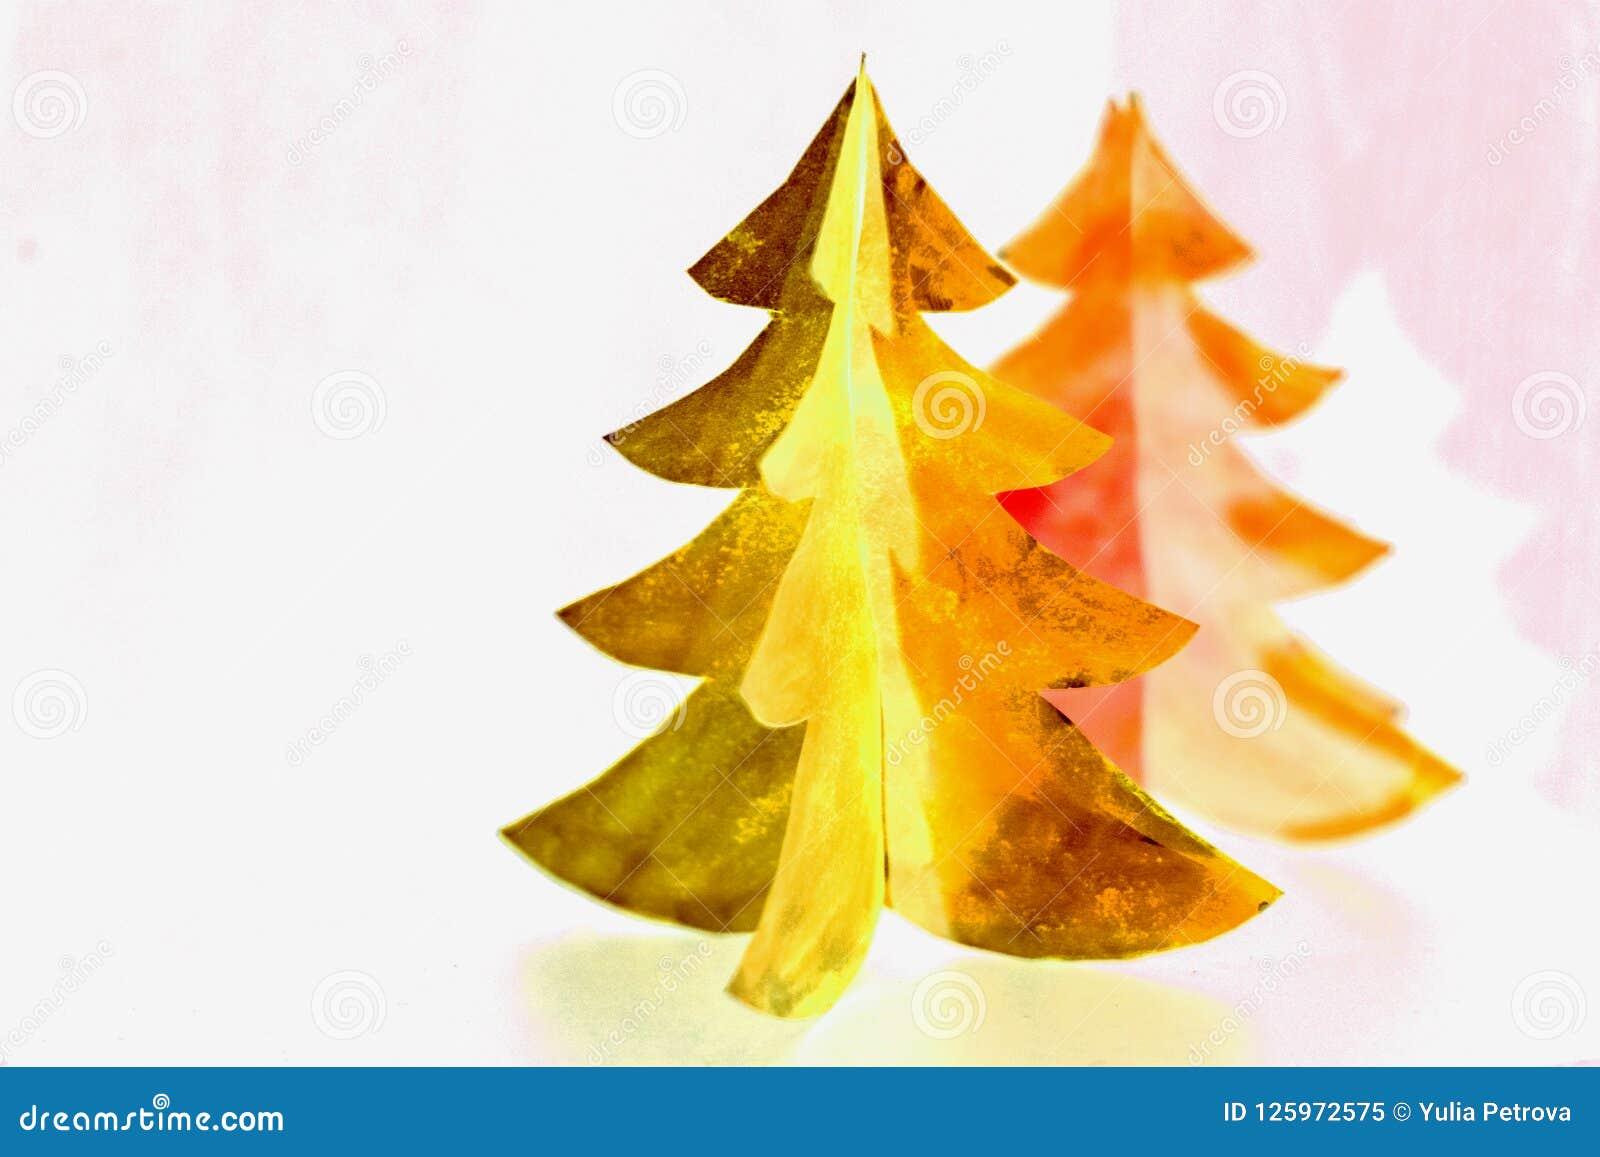 Tarjeta De Papel Del Diseno Del Corte Del Arbol De Navidad Arte De - Arbol-navidad-diseo